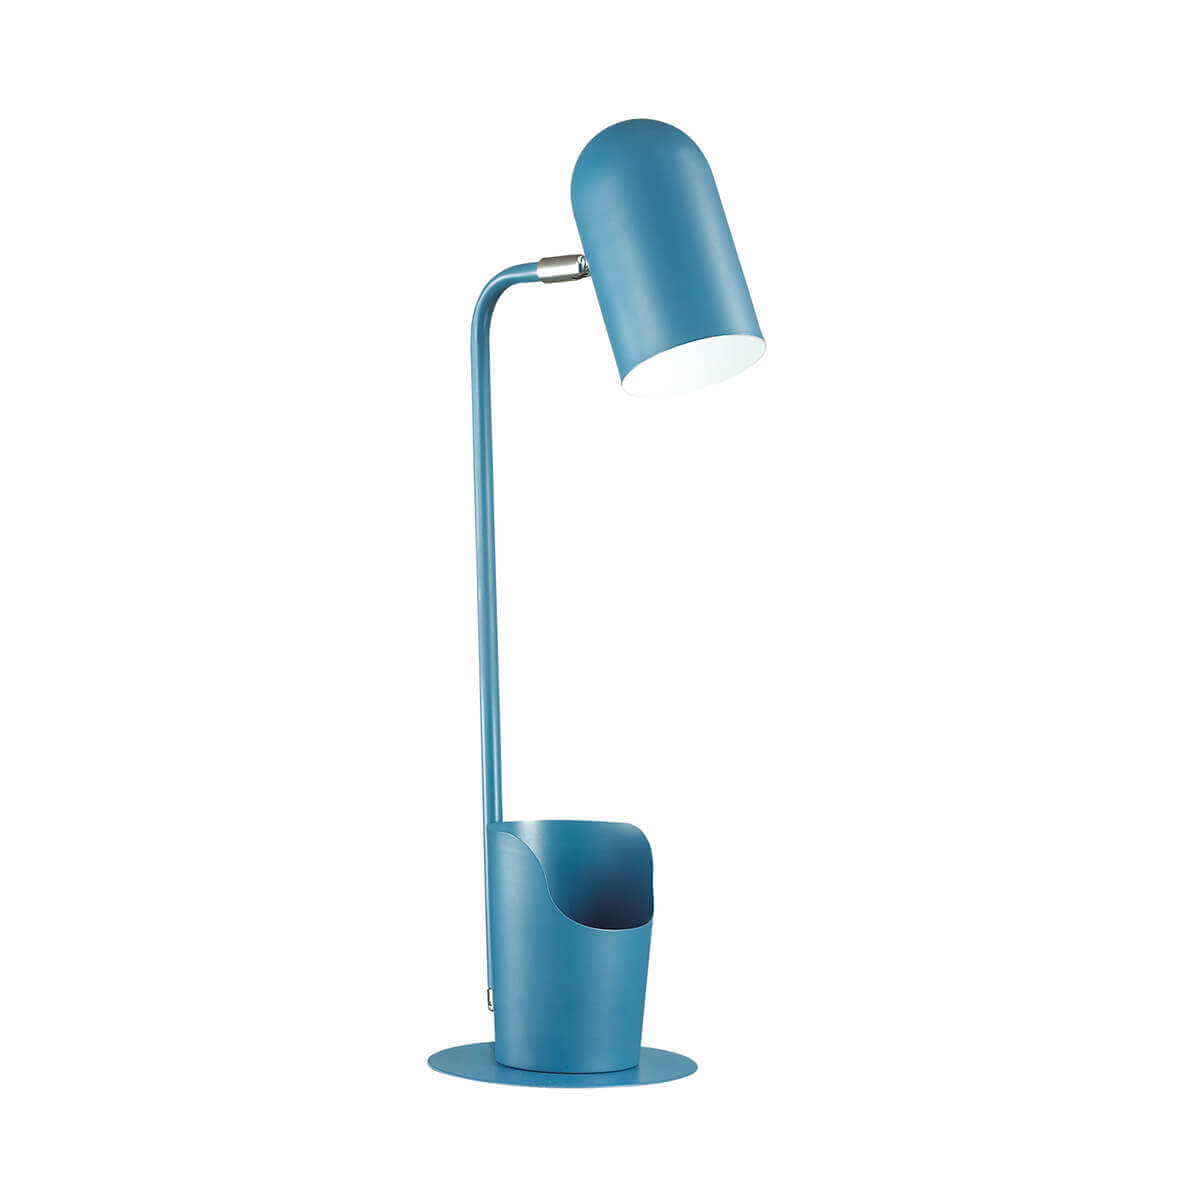 Настольная лампа Lumion 3690/1T Desk настольная лампа lumion ejen 3688 1t серая e27 40w 220v